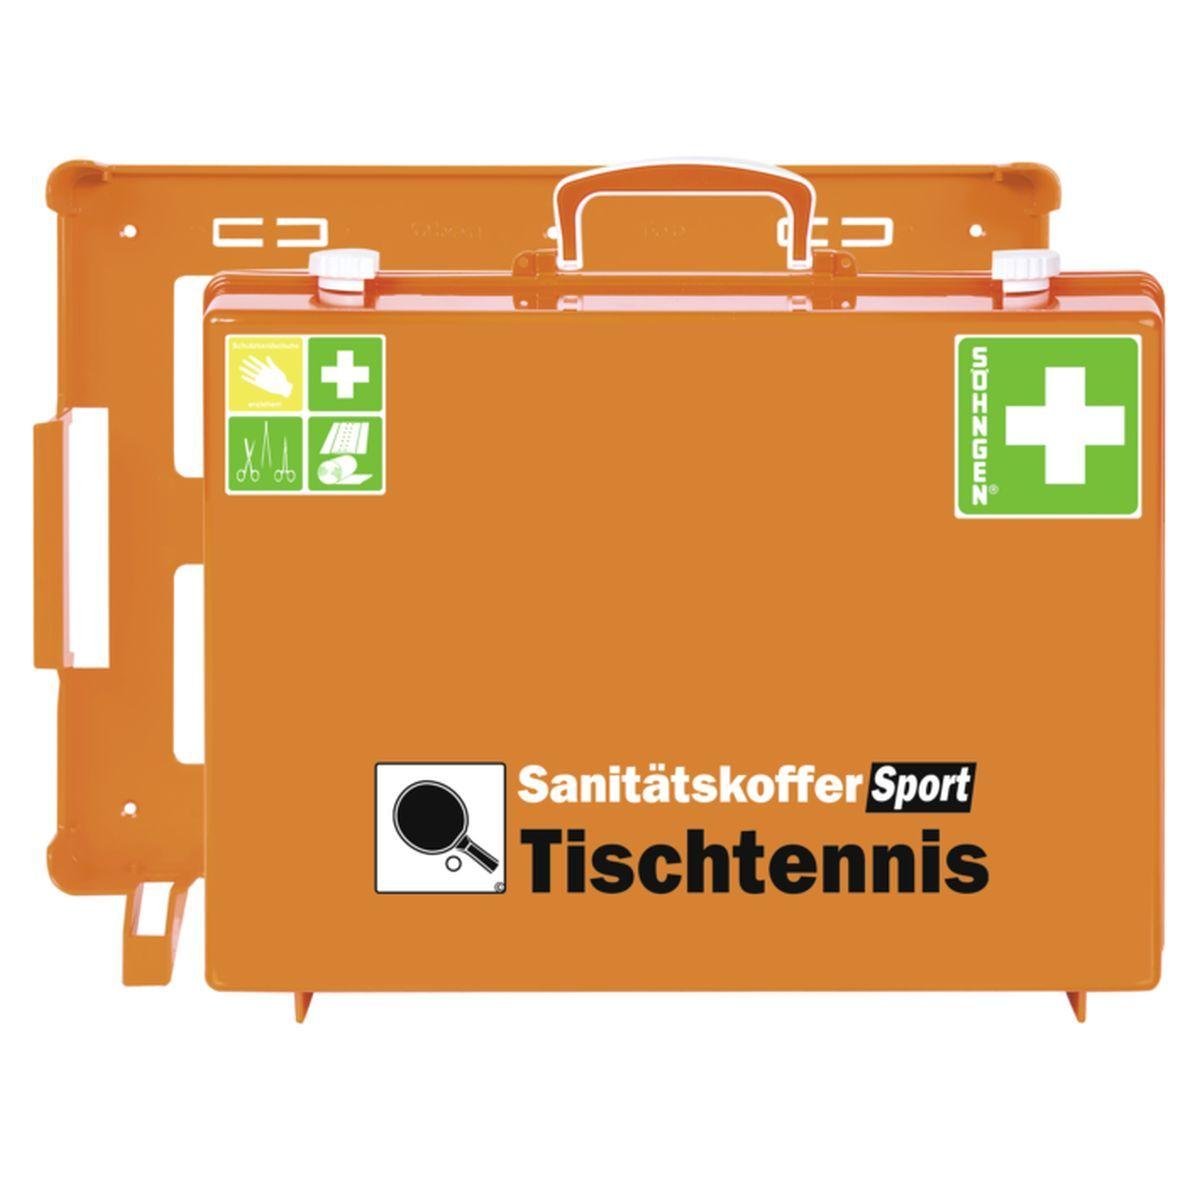 Sanitätskoffer Sport Tischtennis